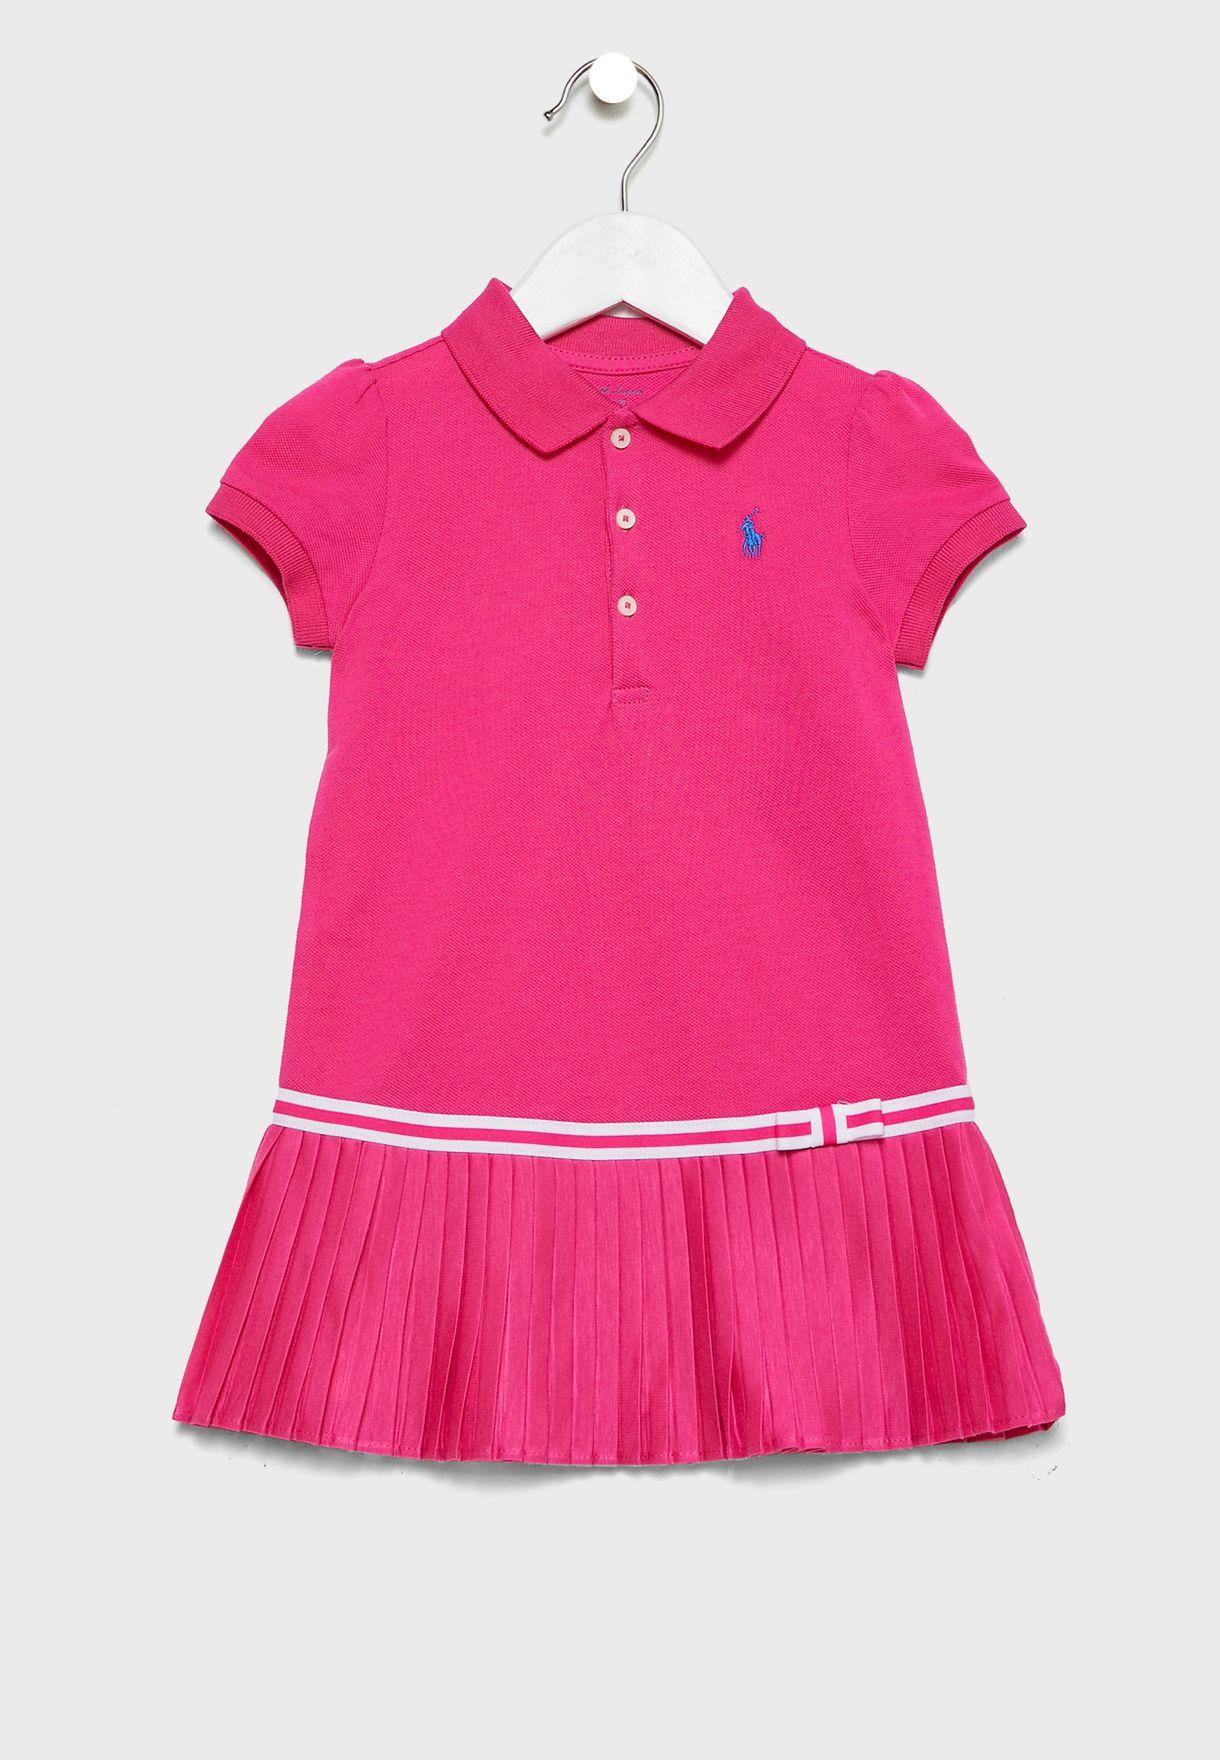 فستان بياقة كلاسيكية للبيبي